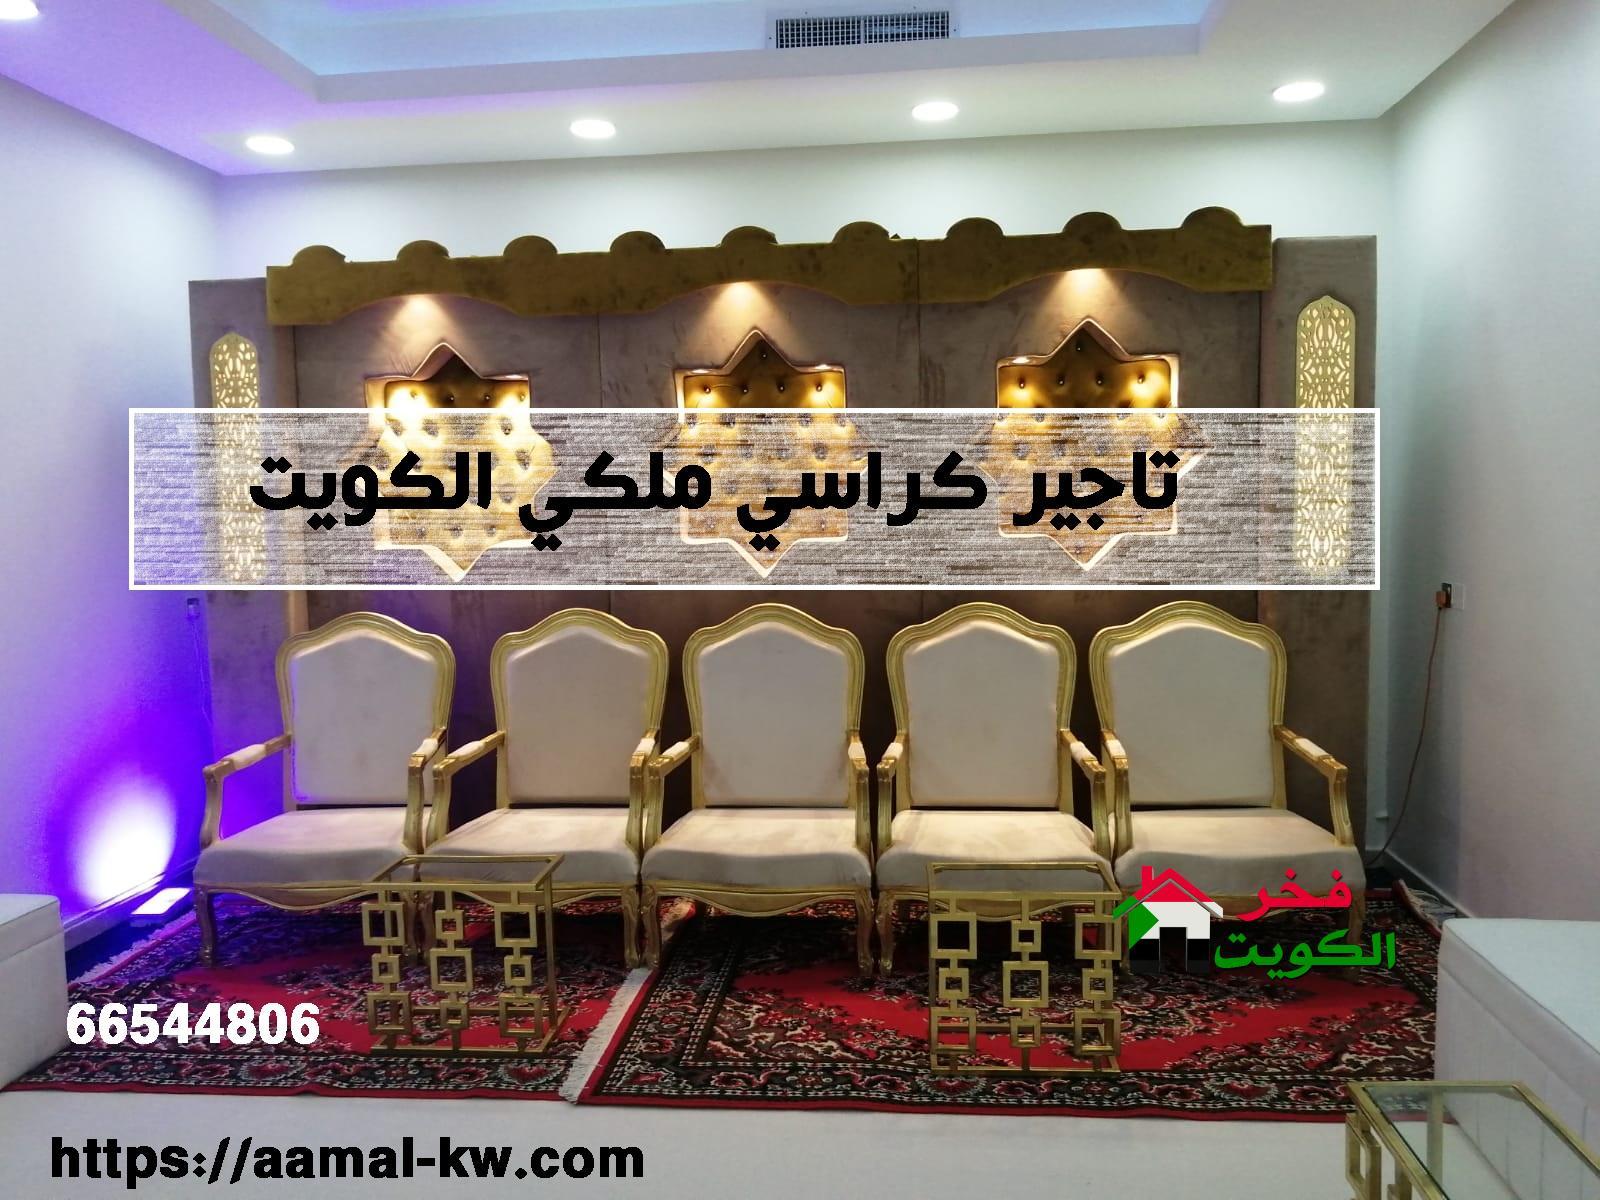 تاجير كراسي ملكي الكويت